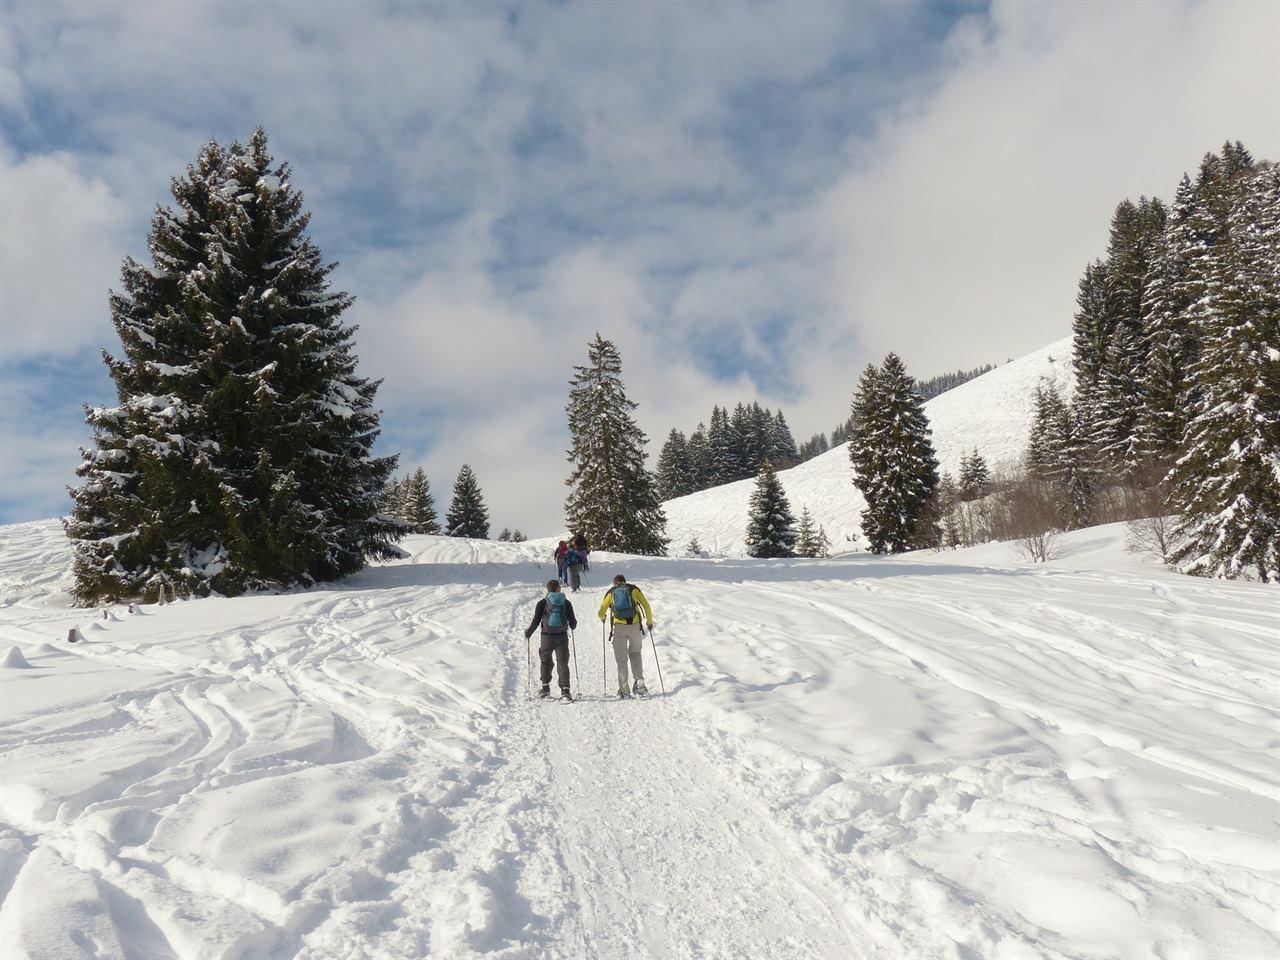 Туристический поход зимой с друзьями в лес